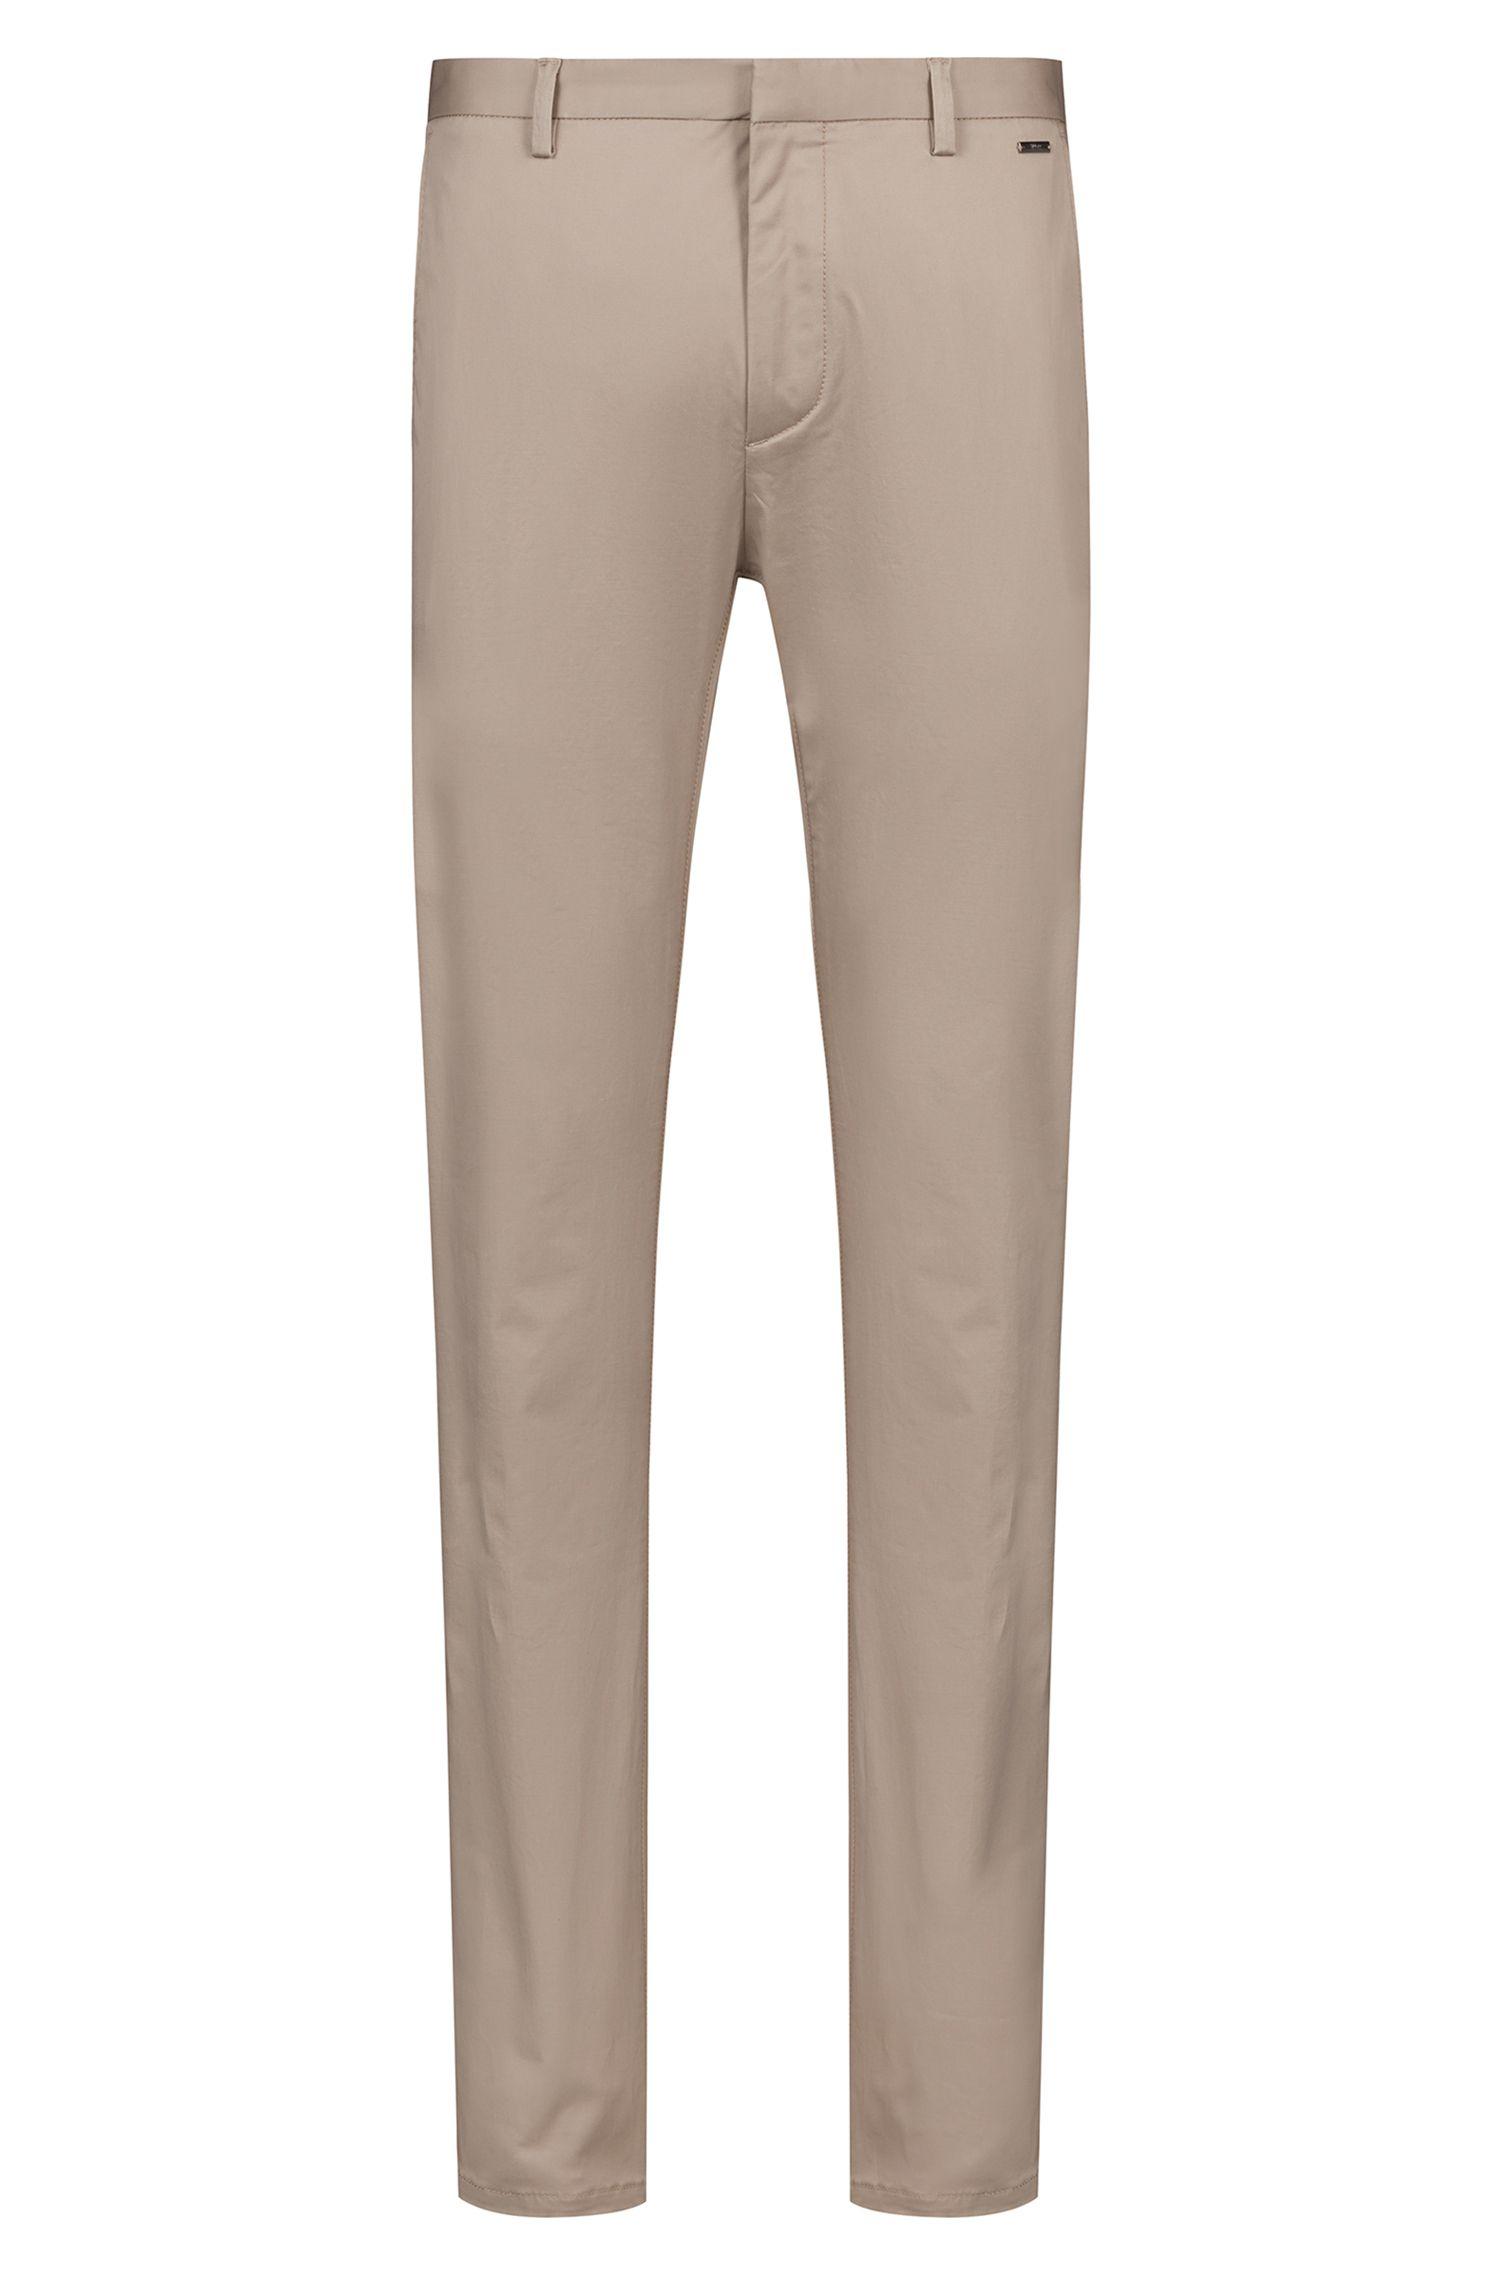 Leichte Slim-Fit Hose aus Stretch-Gabardine, Beige